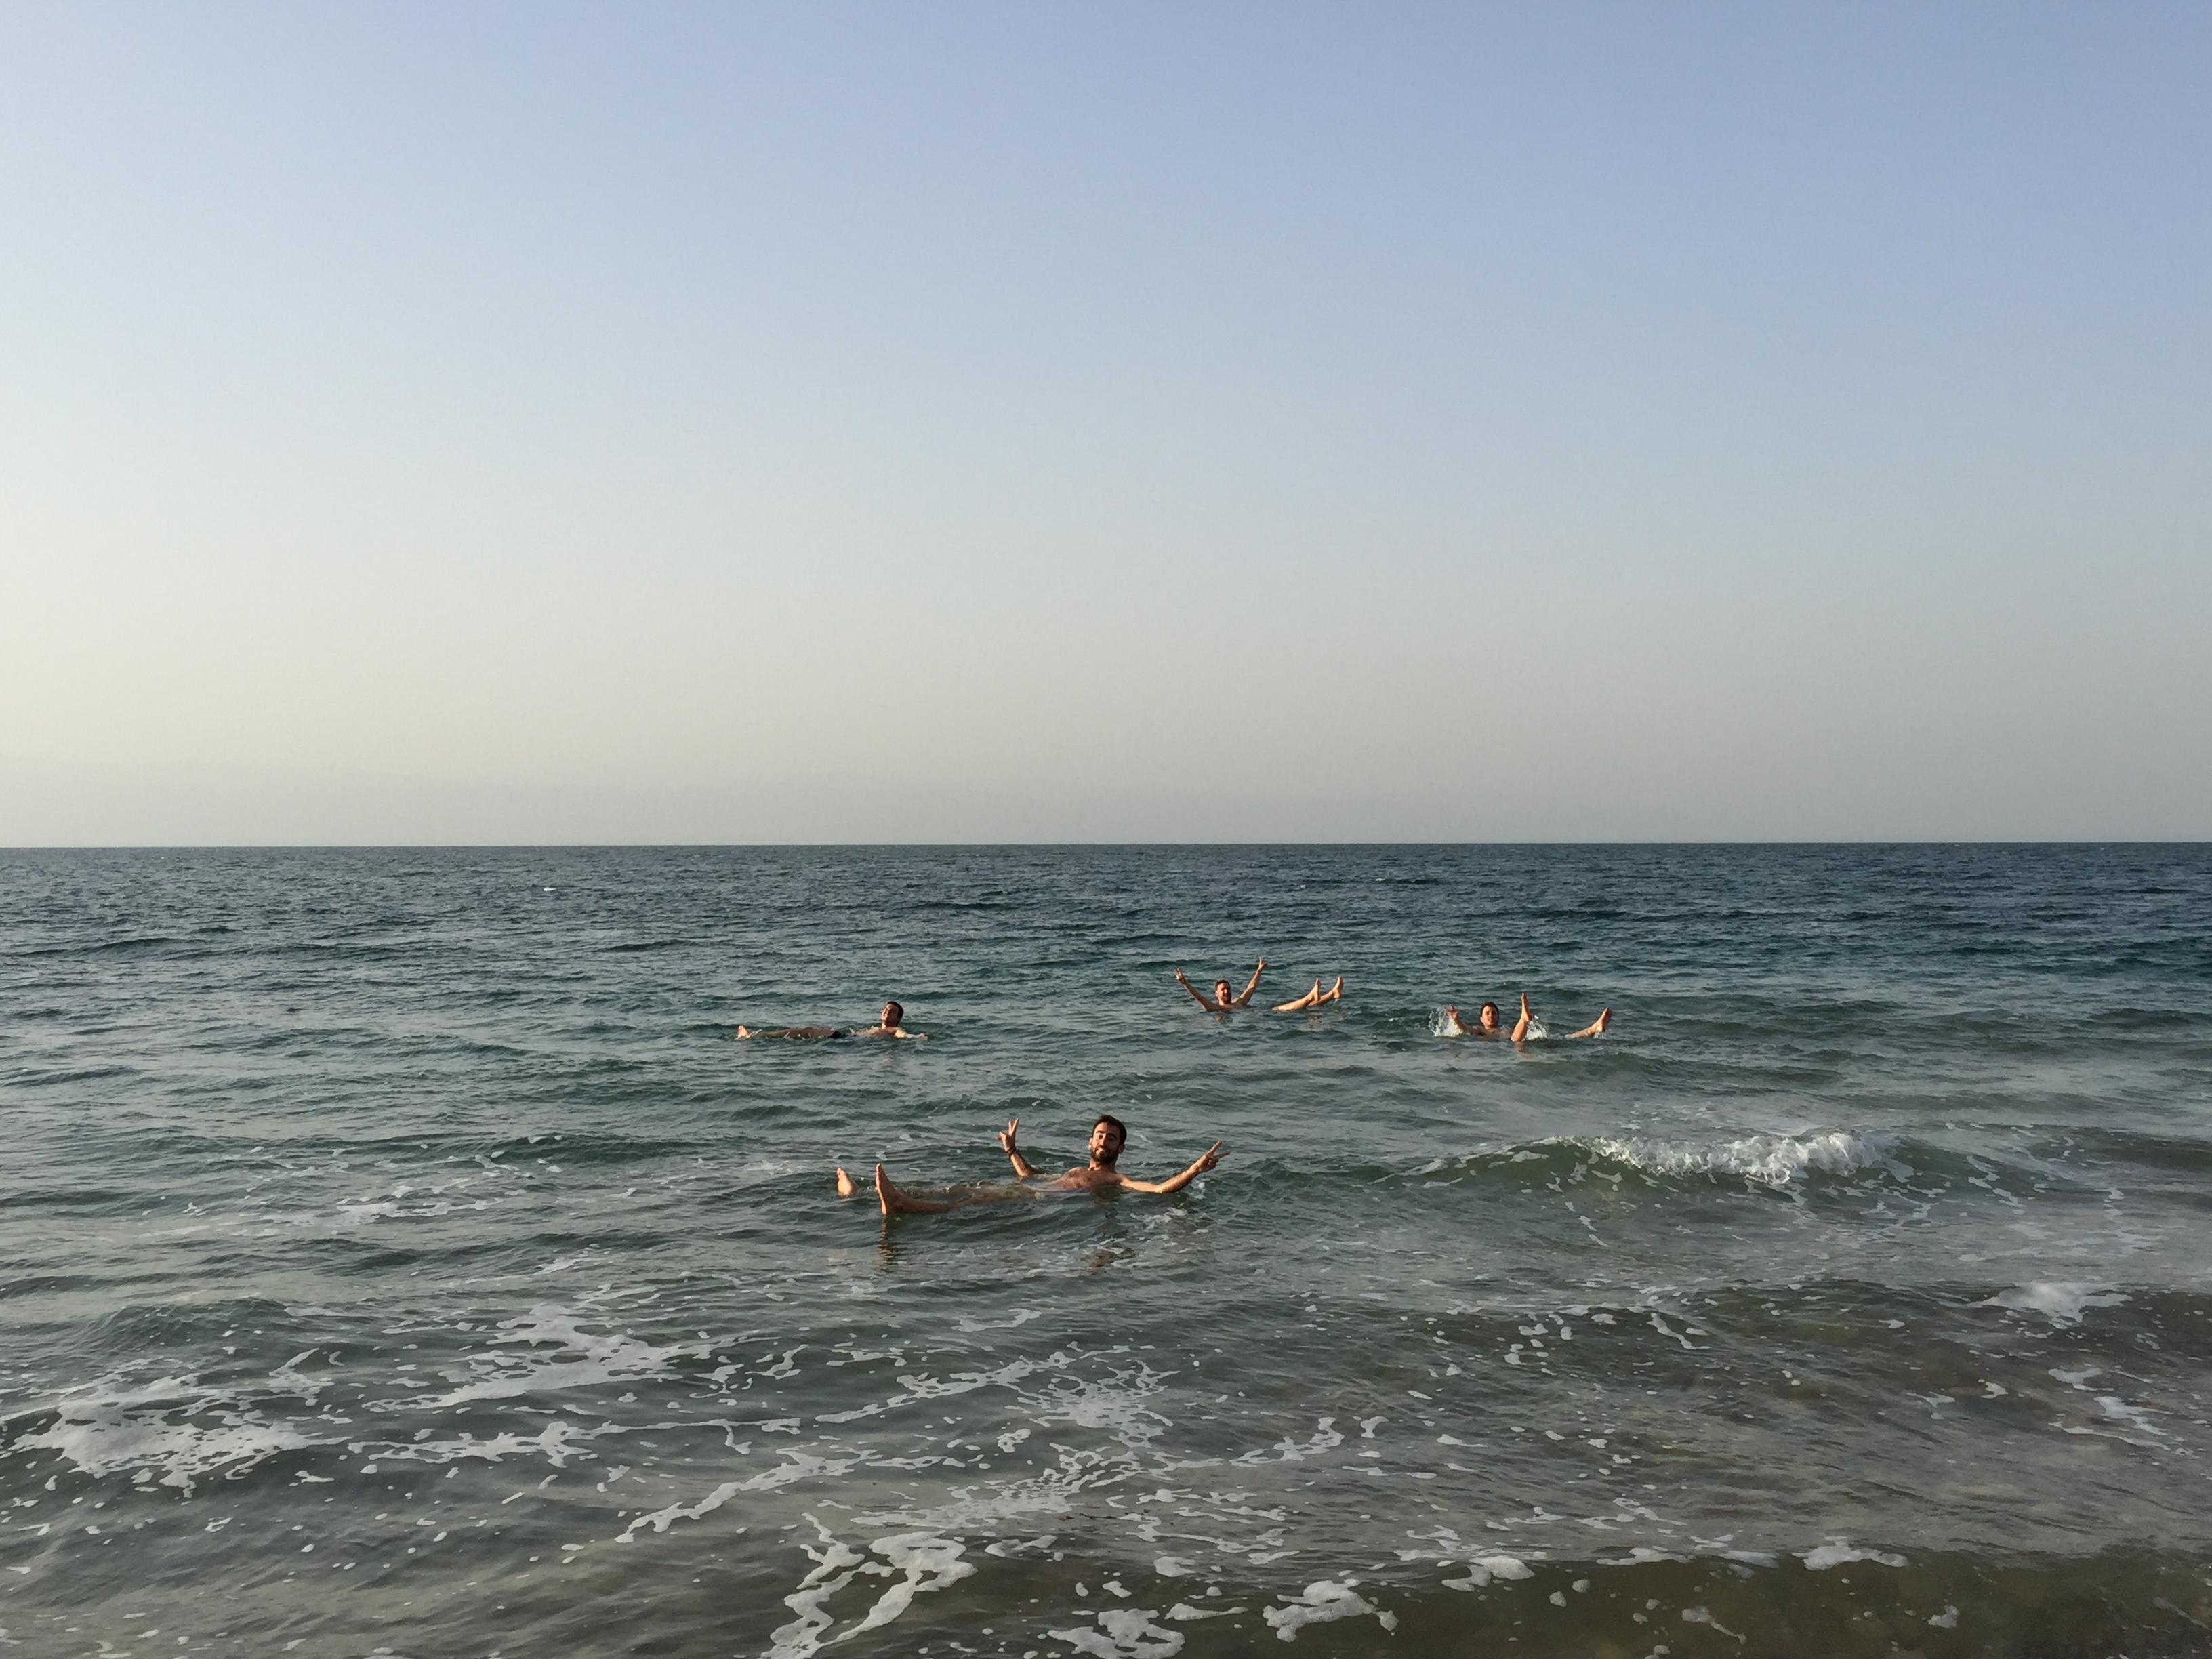 Dónde bañarse en el Mar Muerto gratis. Flotando en el Mar Muerto